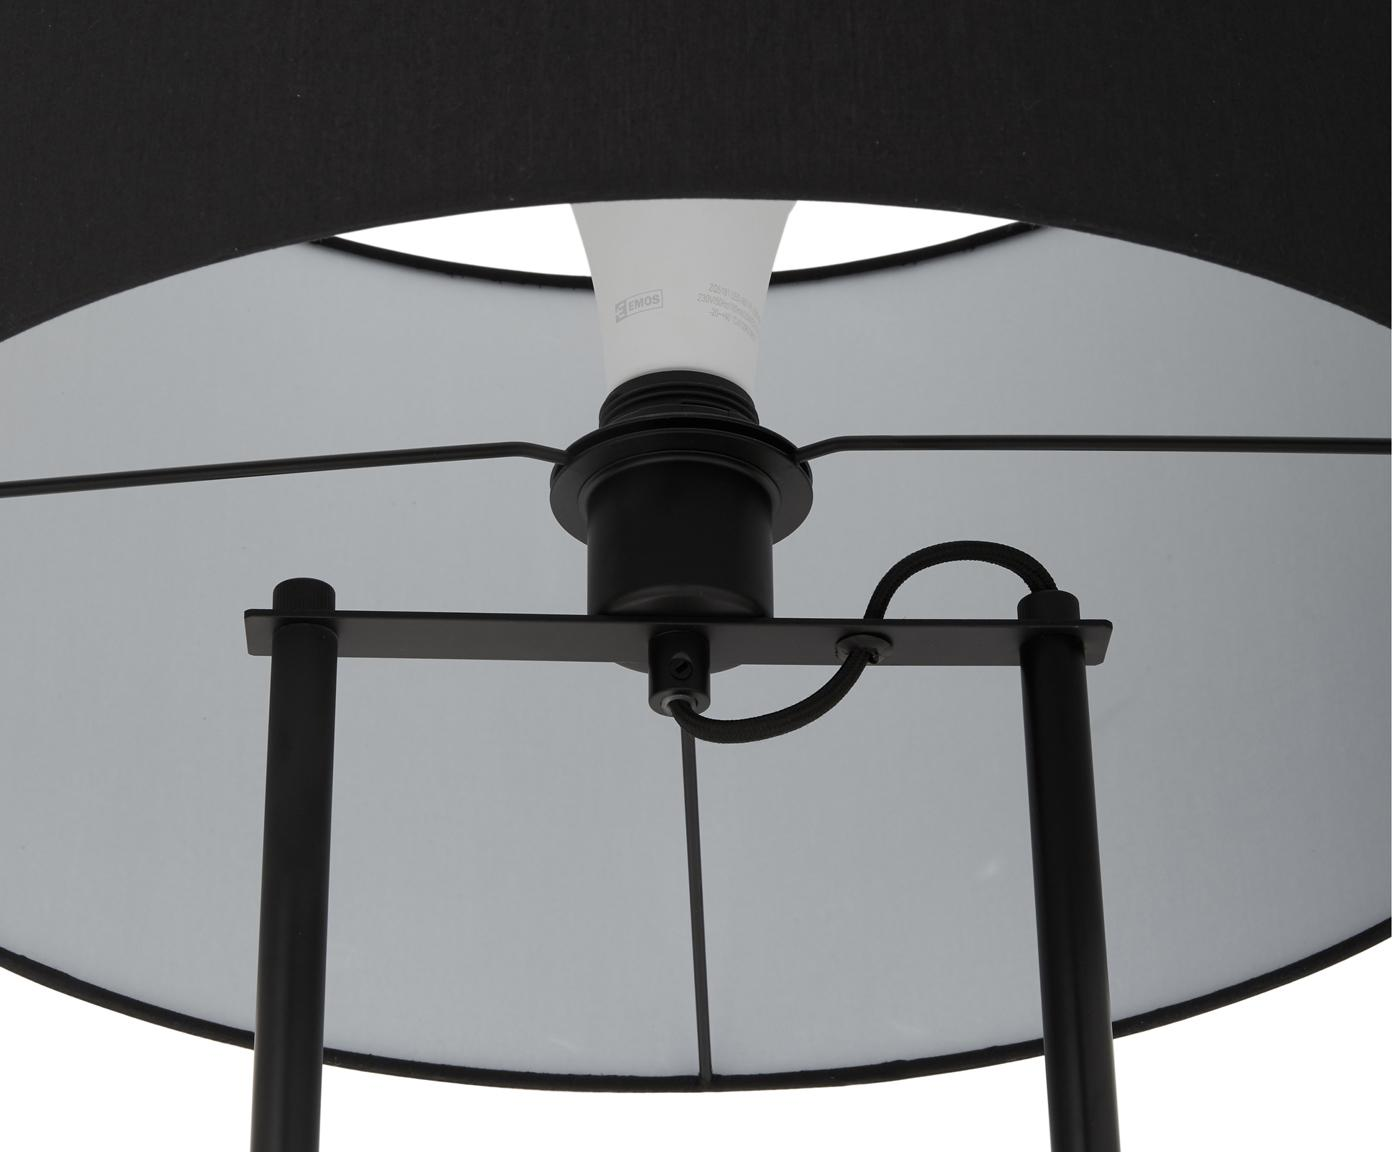 Stehlampe Pipero mit Betonfuß, Lampenschirm: Textil, Lampenfuß: Metall, pulverbeschichtet, Lampenschirm:SchwarzLampenfuß:Schwarz, matt, GrauKabel: Schwarz, Ø 45 x H 161 cm